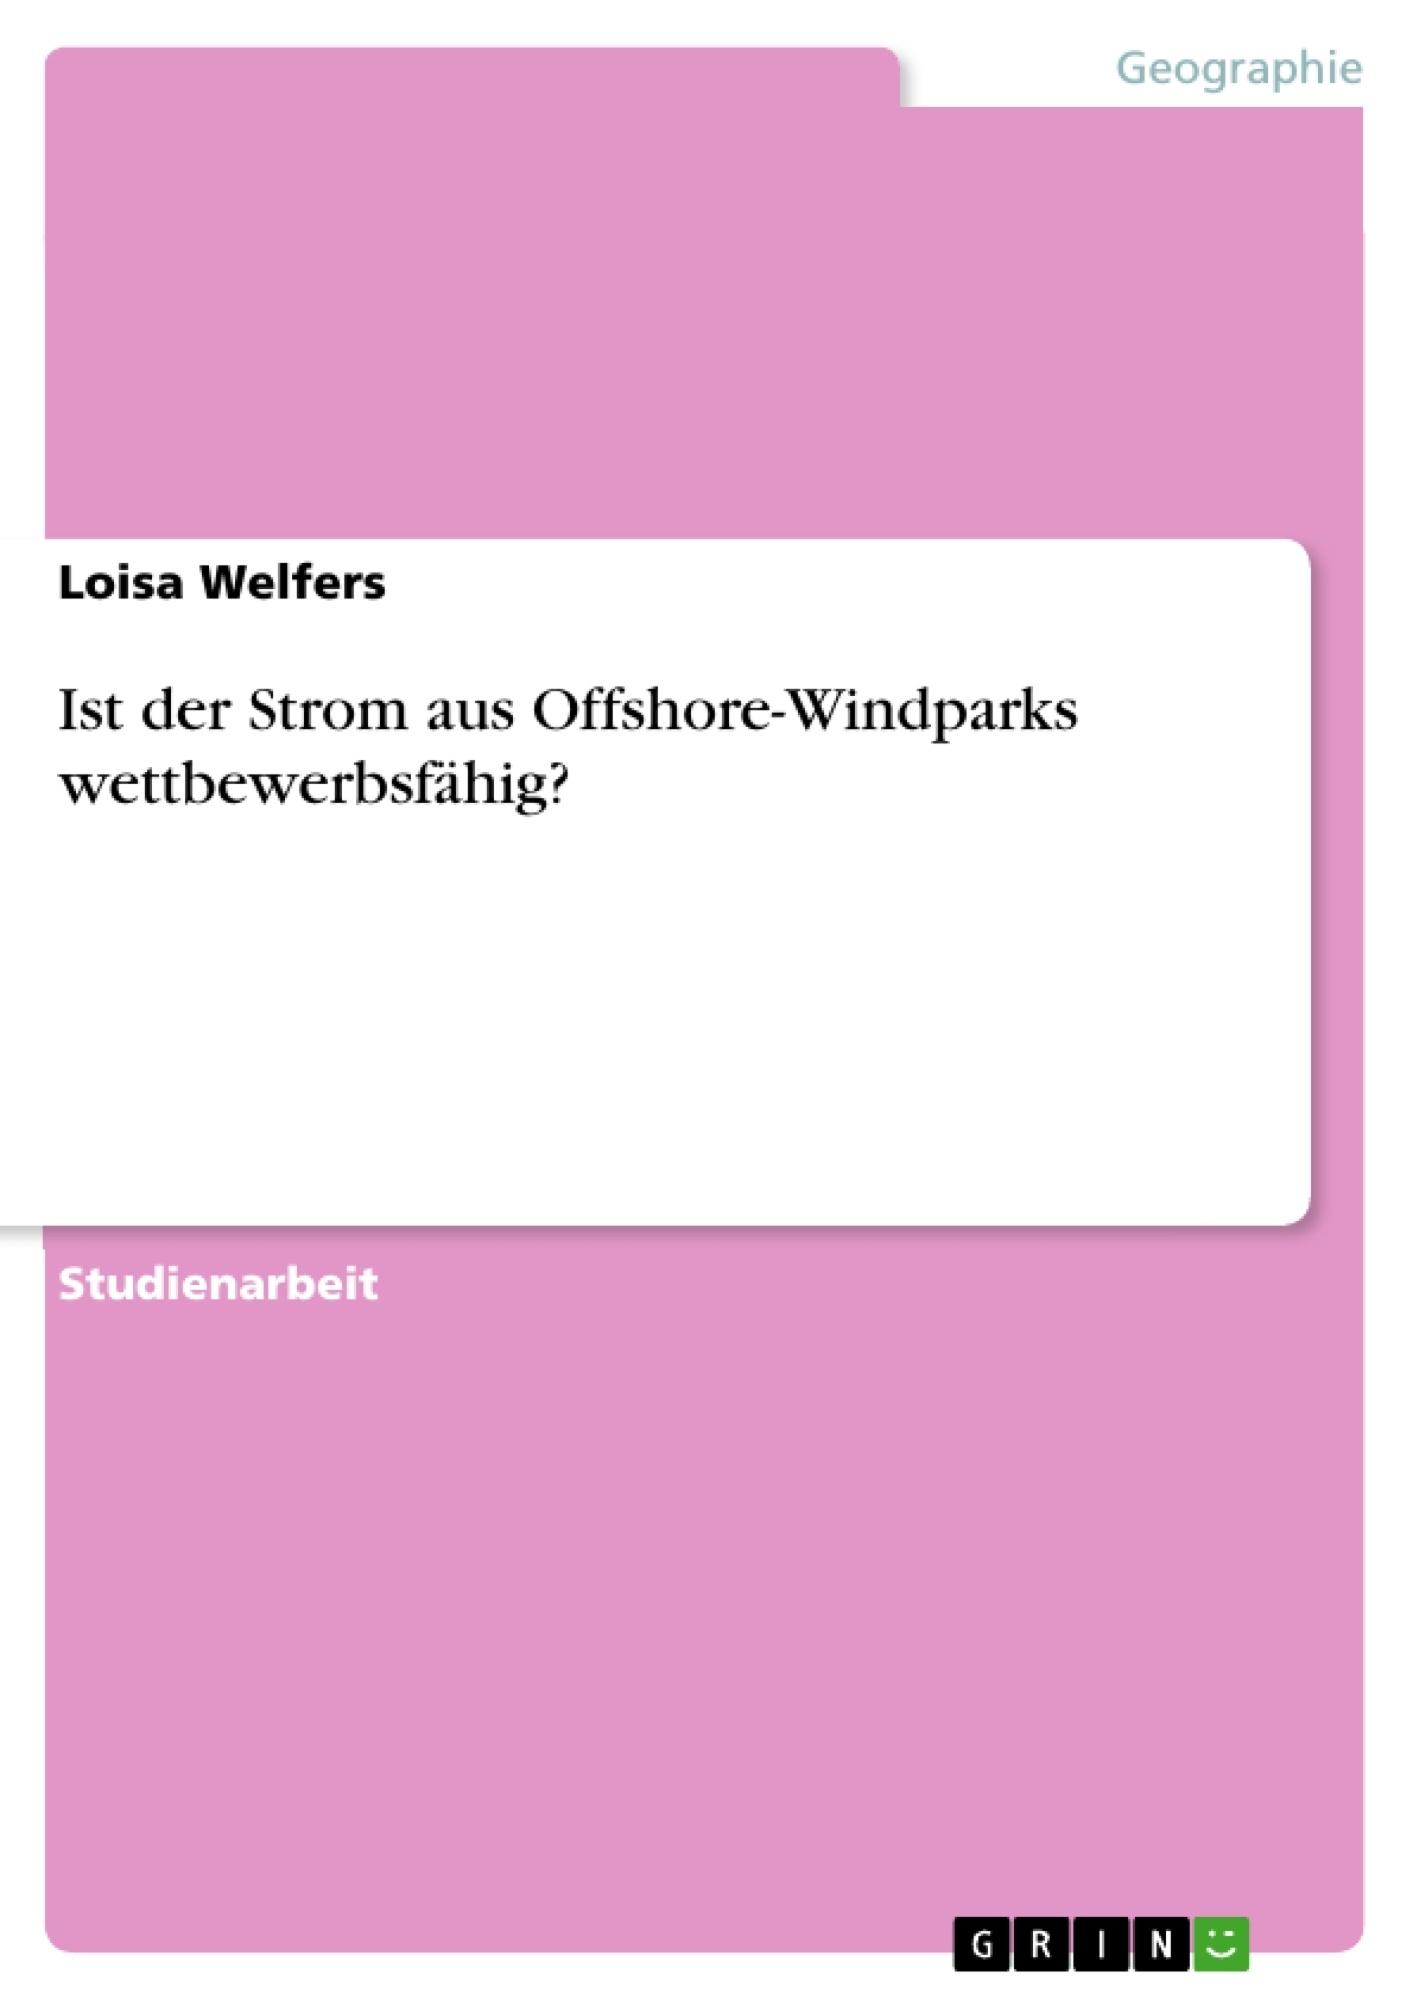 Titel: Ist der Strom aus Offshore-Windparks wettbewerbsfähig?